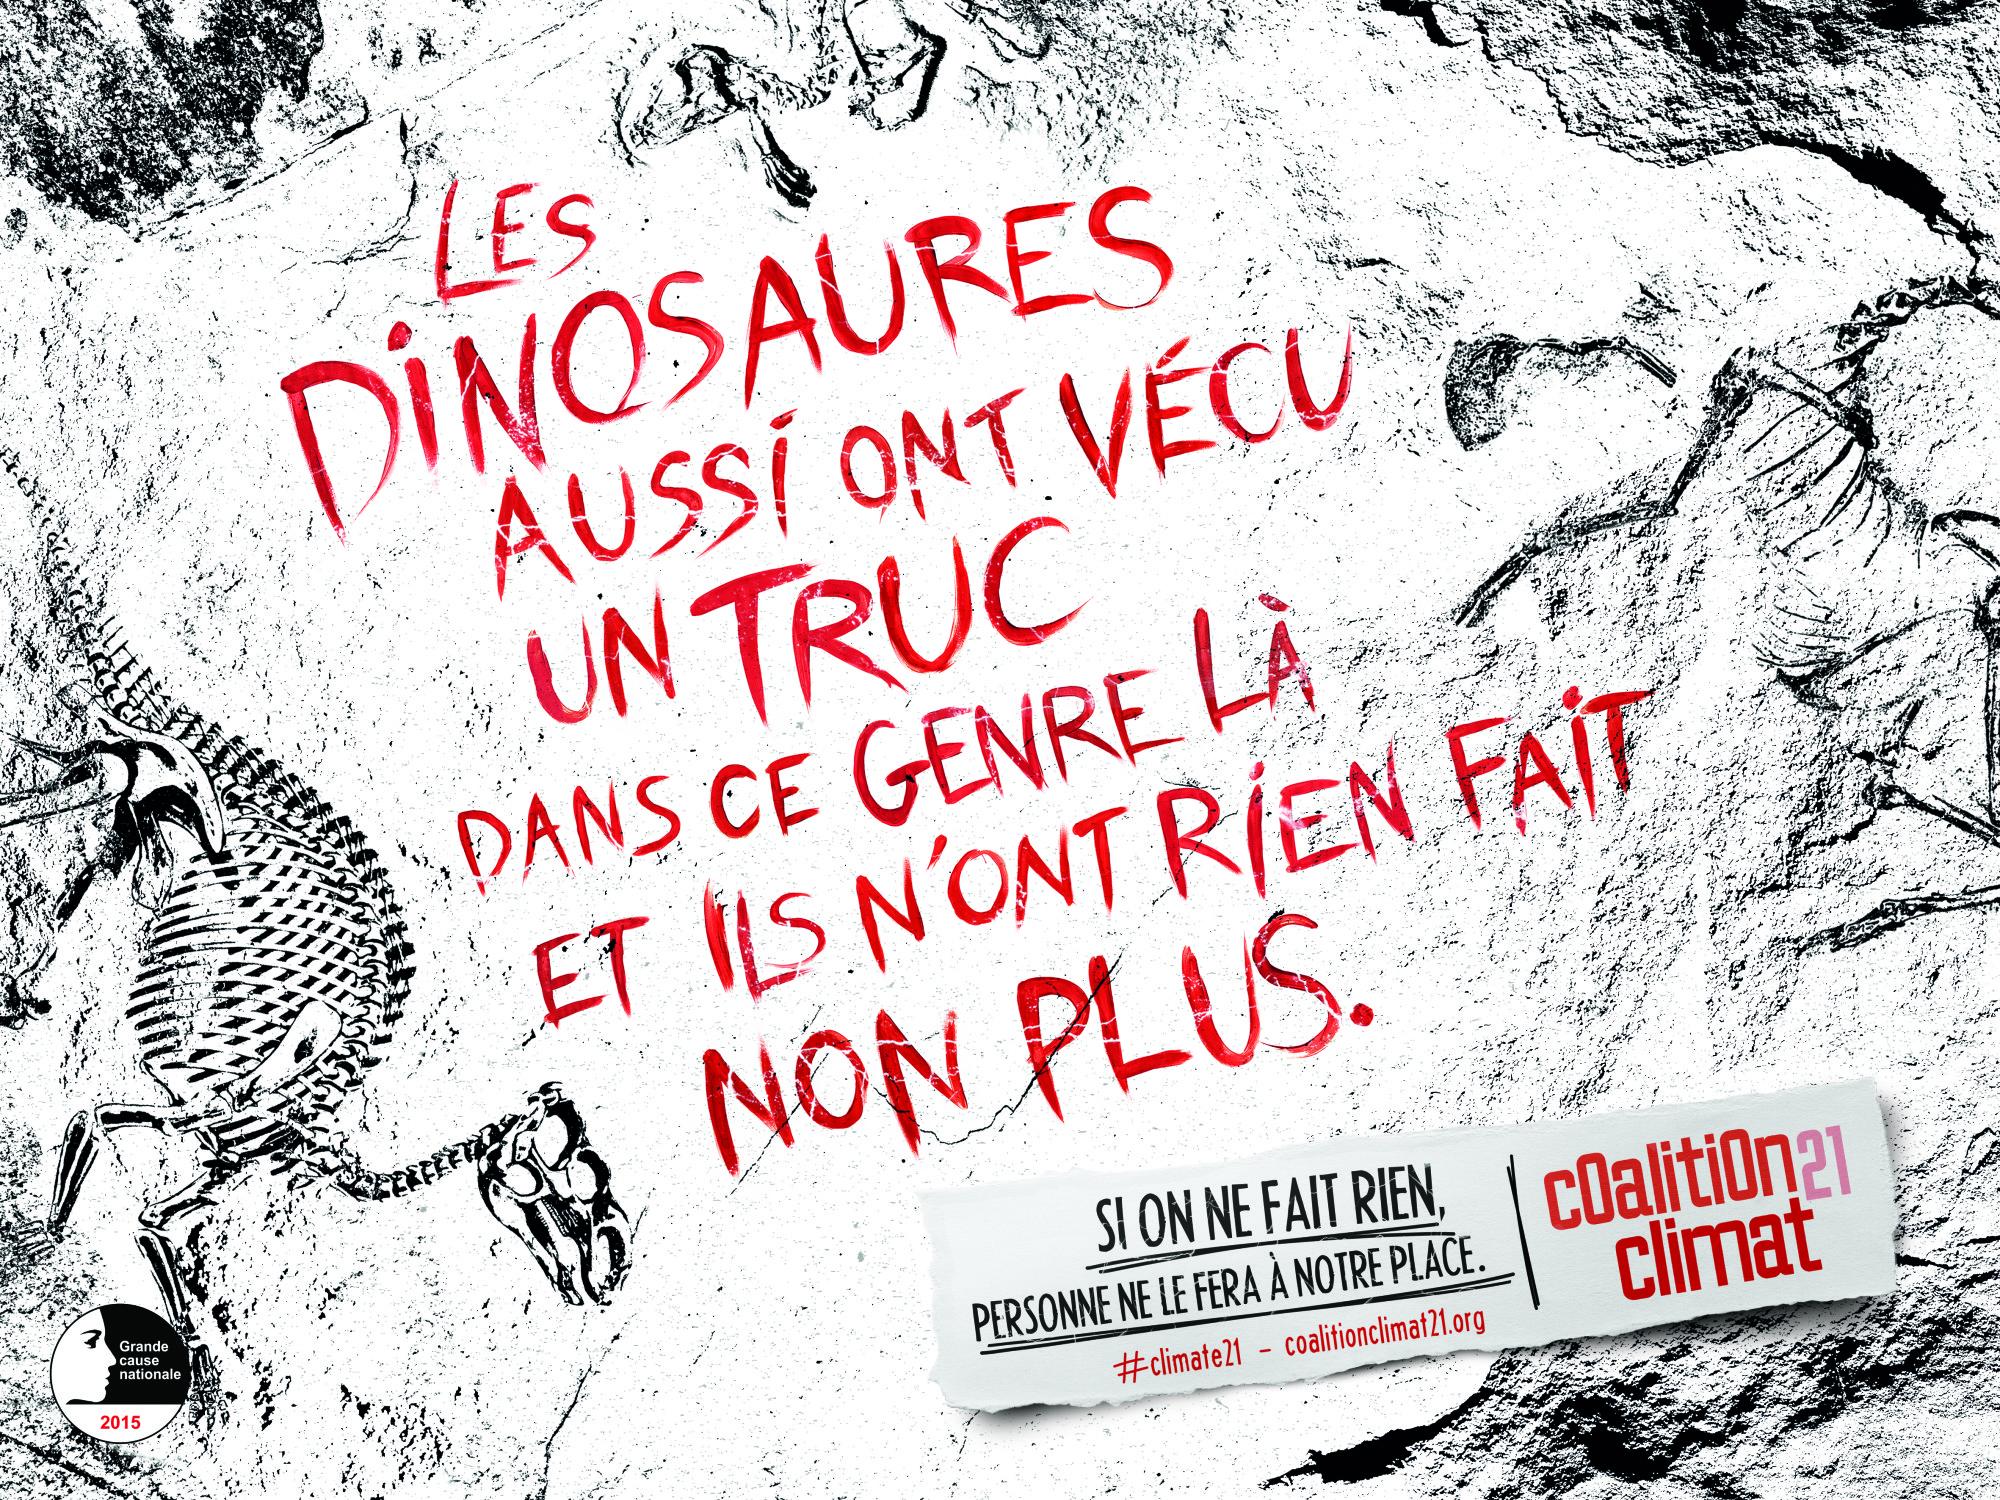 Dinosaures 4x3 CMJN